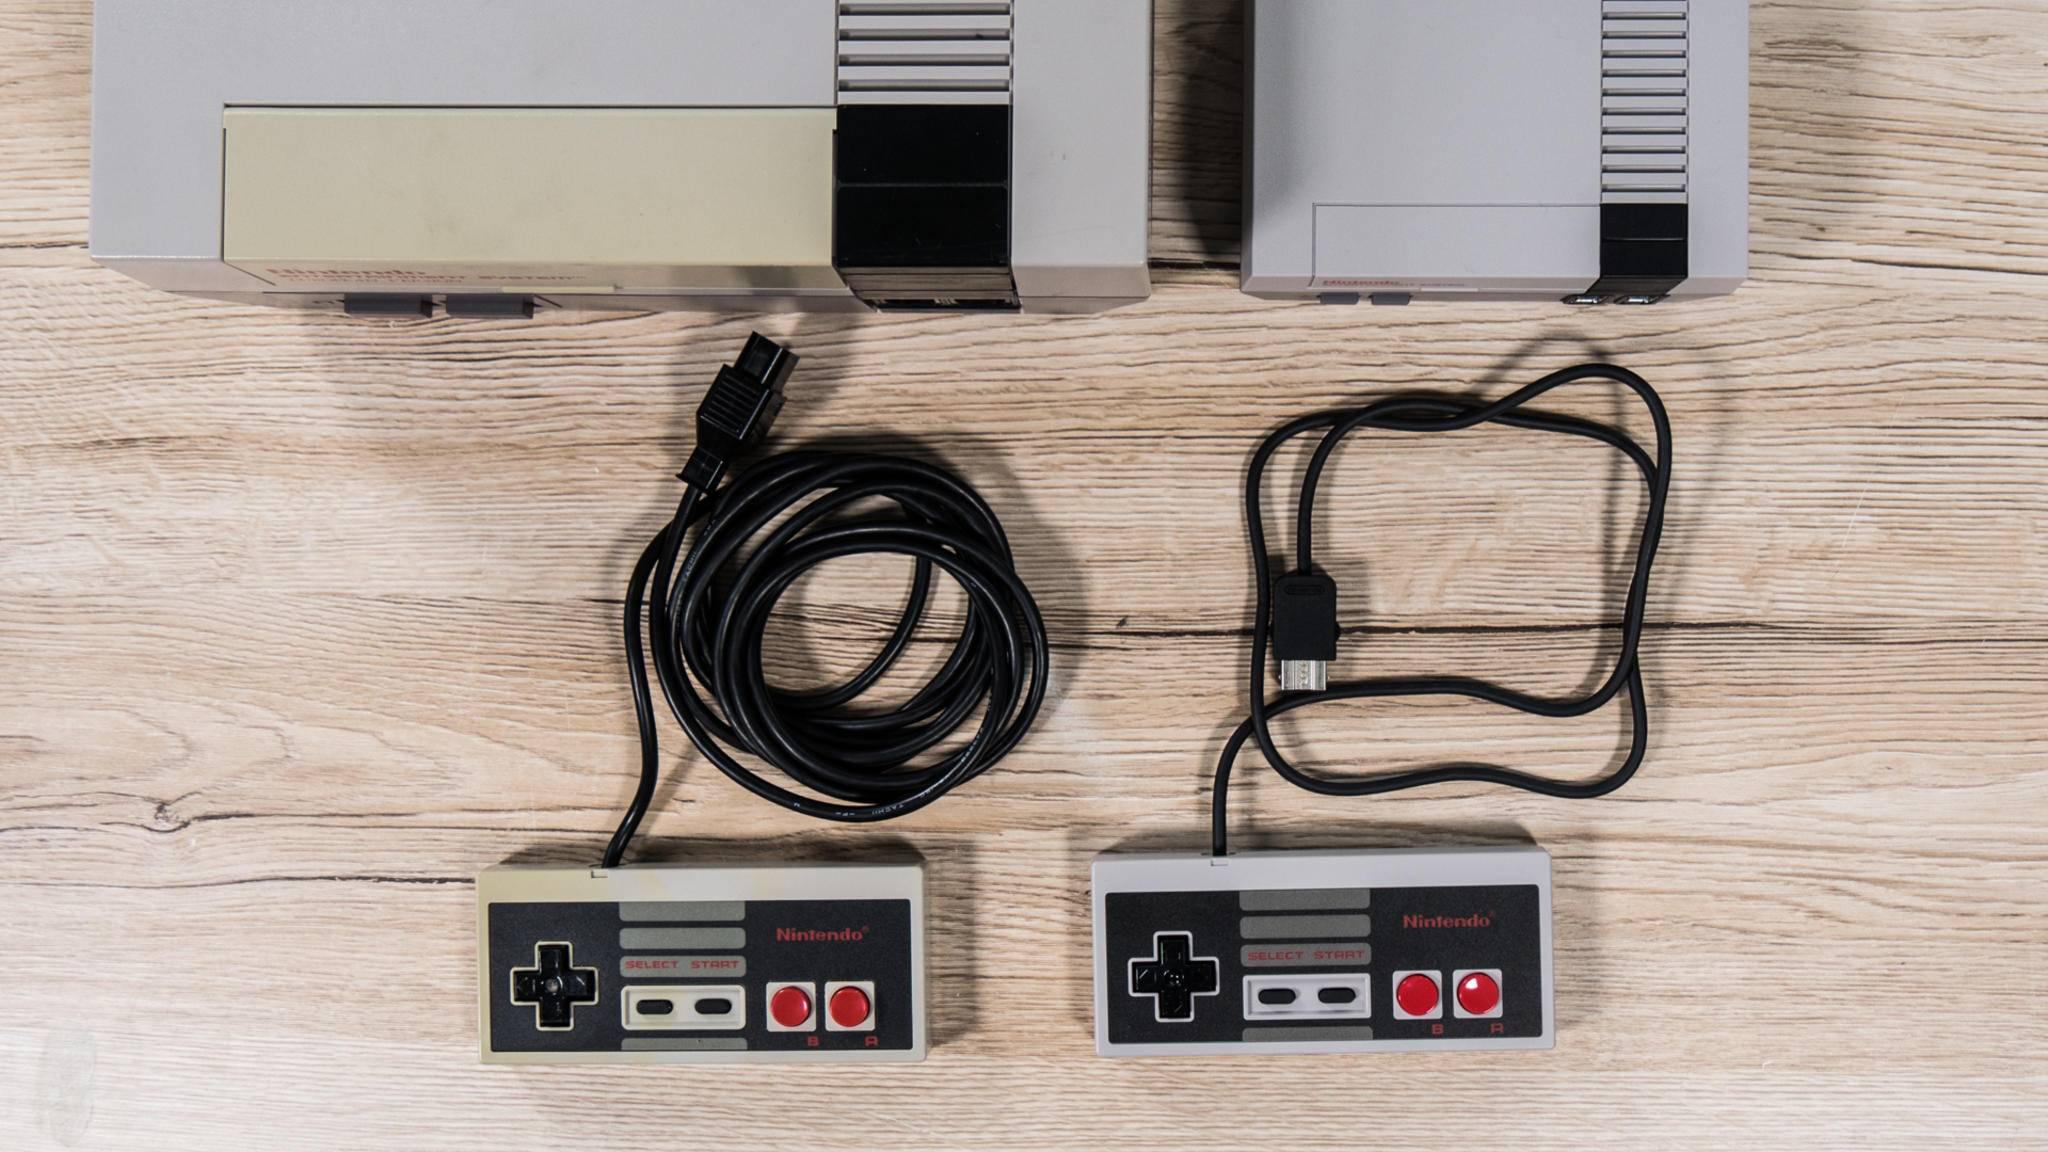 Das Kabel der Controller des NES Classic Mini (rechts) ist vielen Gamern einfach zu kurz.